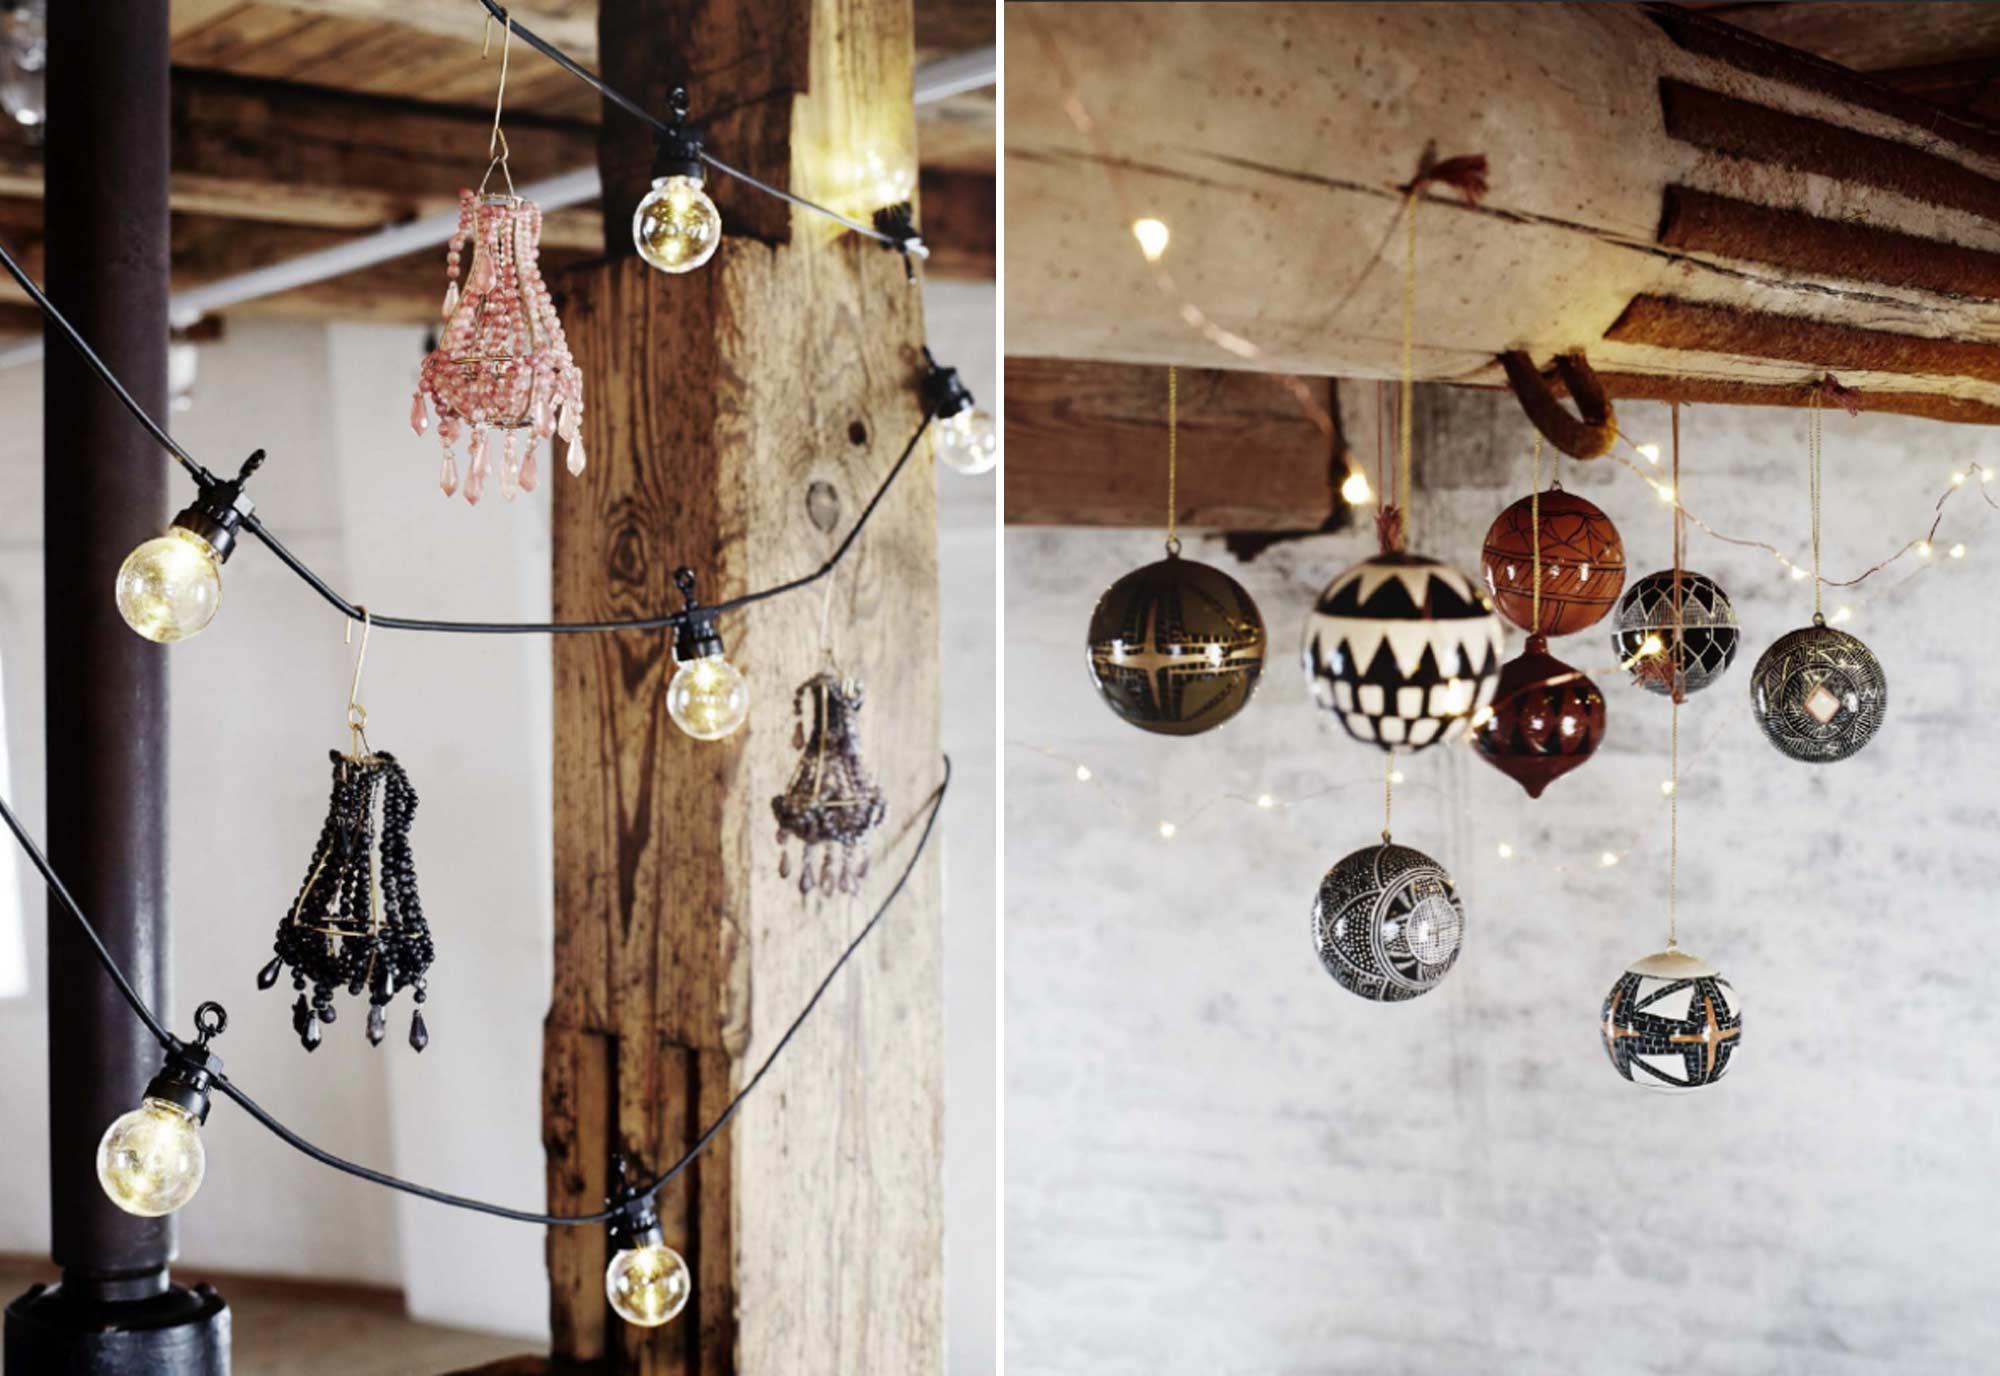 Hangende kerstballen - Lampjes - Hangers